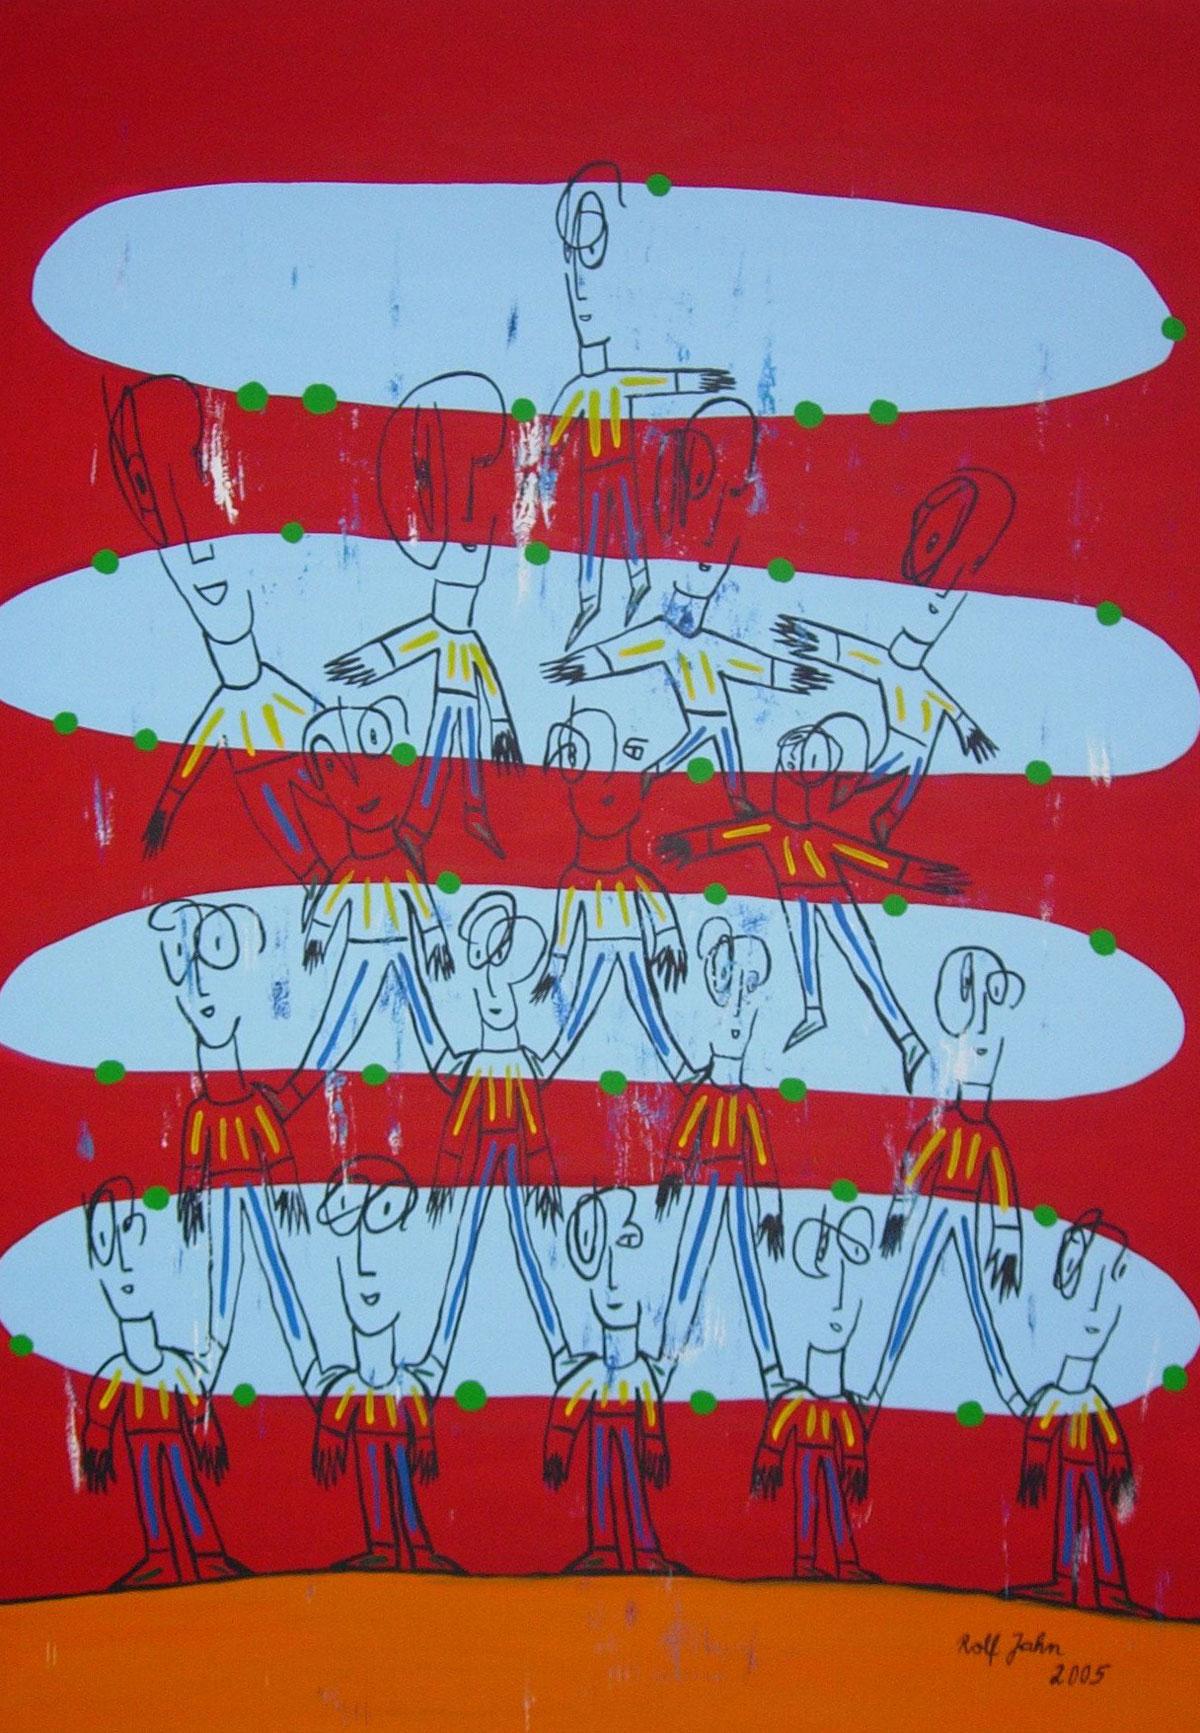 Rolf Jahn: Bevölkerungspyramide 2005